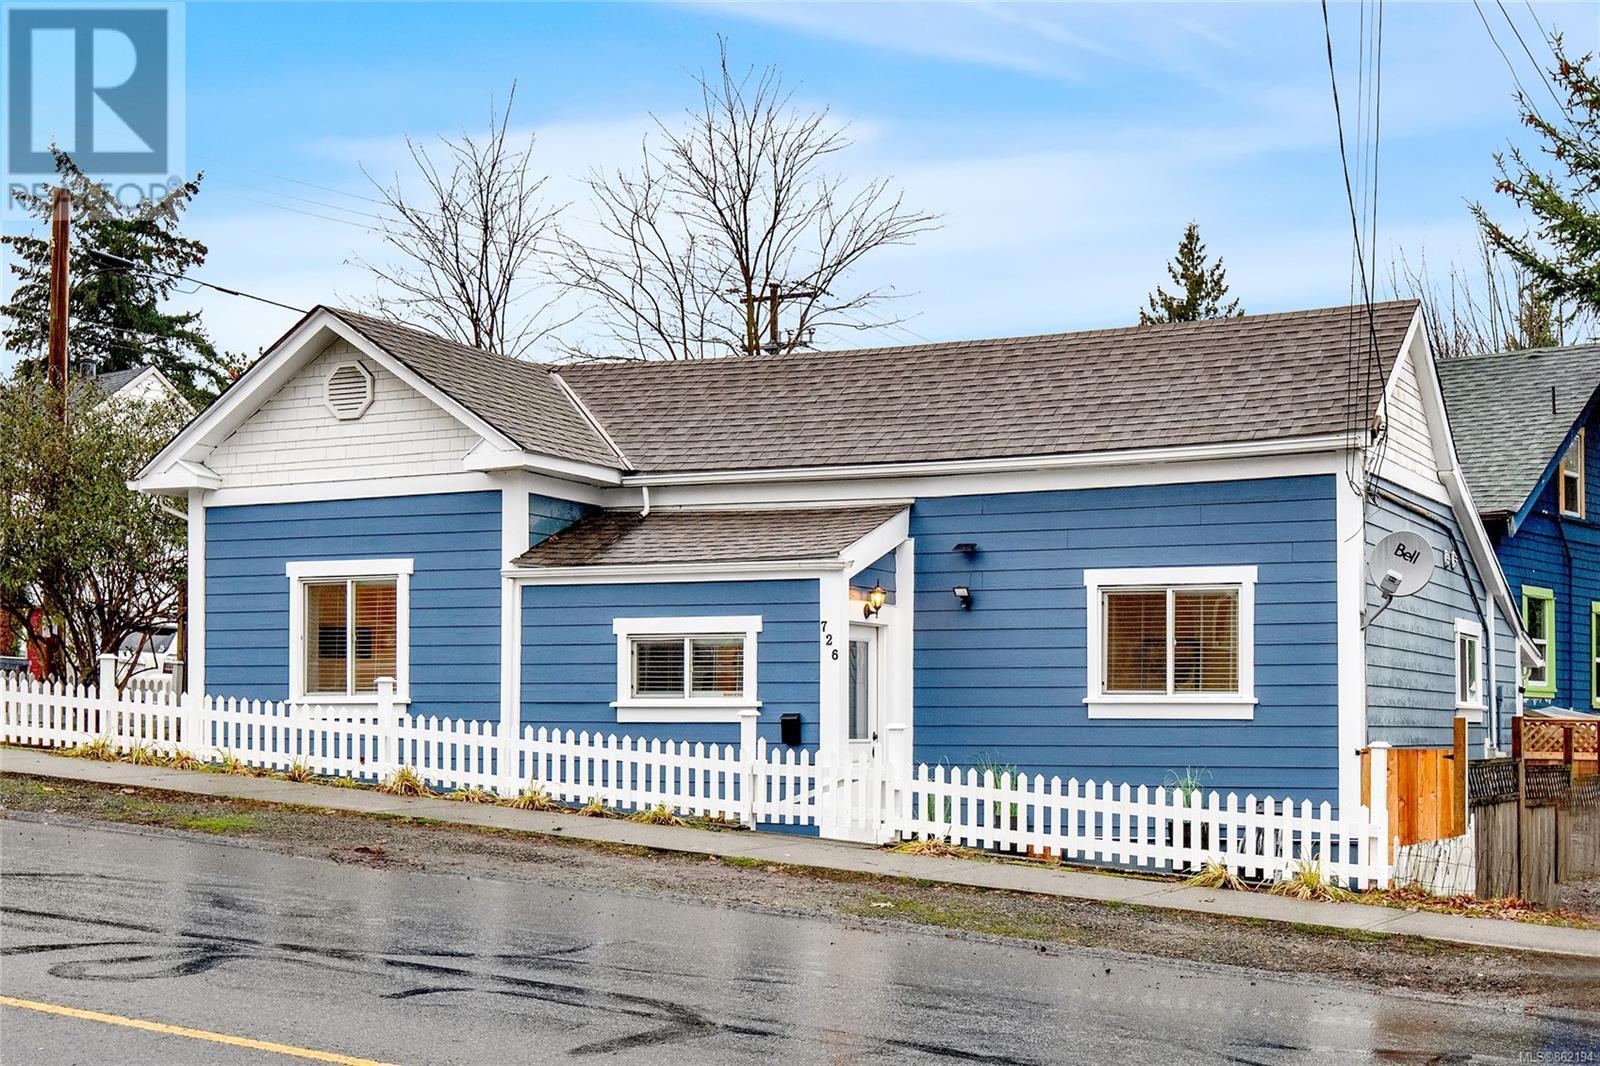 726 Fitzwilliam St, Nanaimo, British Columbia  V9R 3B6 - Photo 1 - 862194